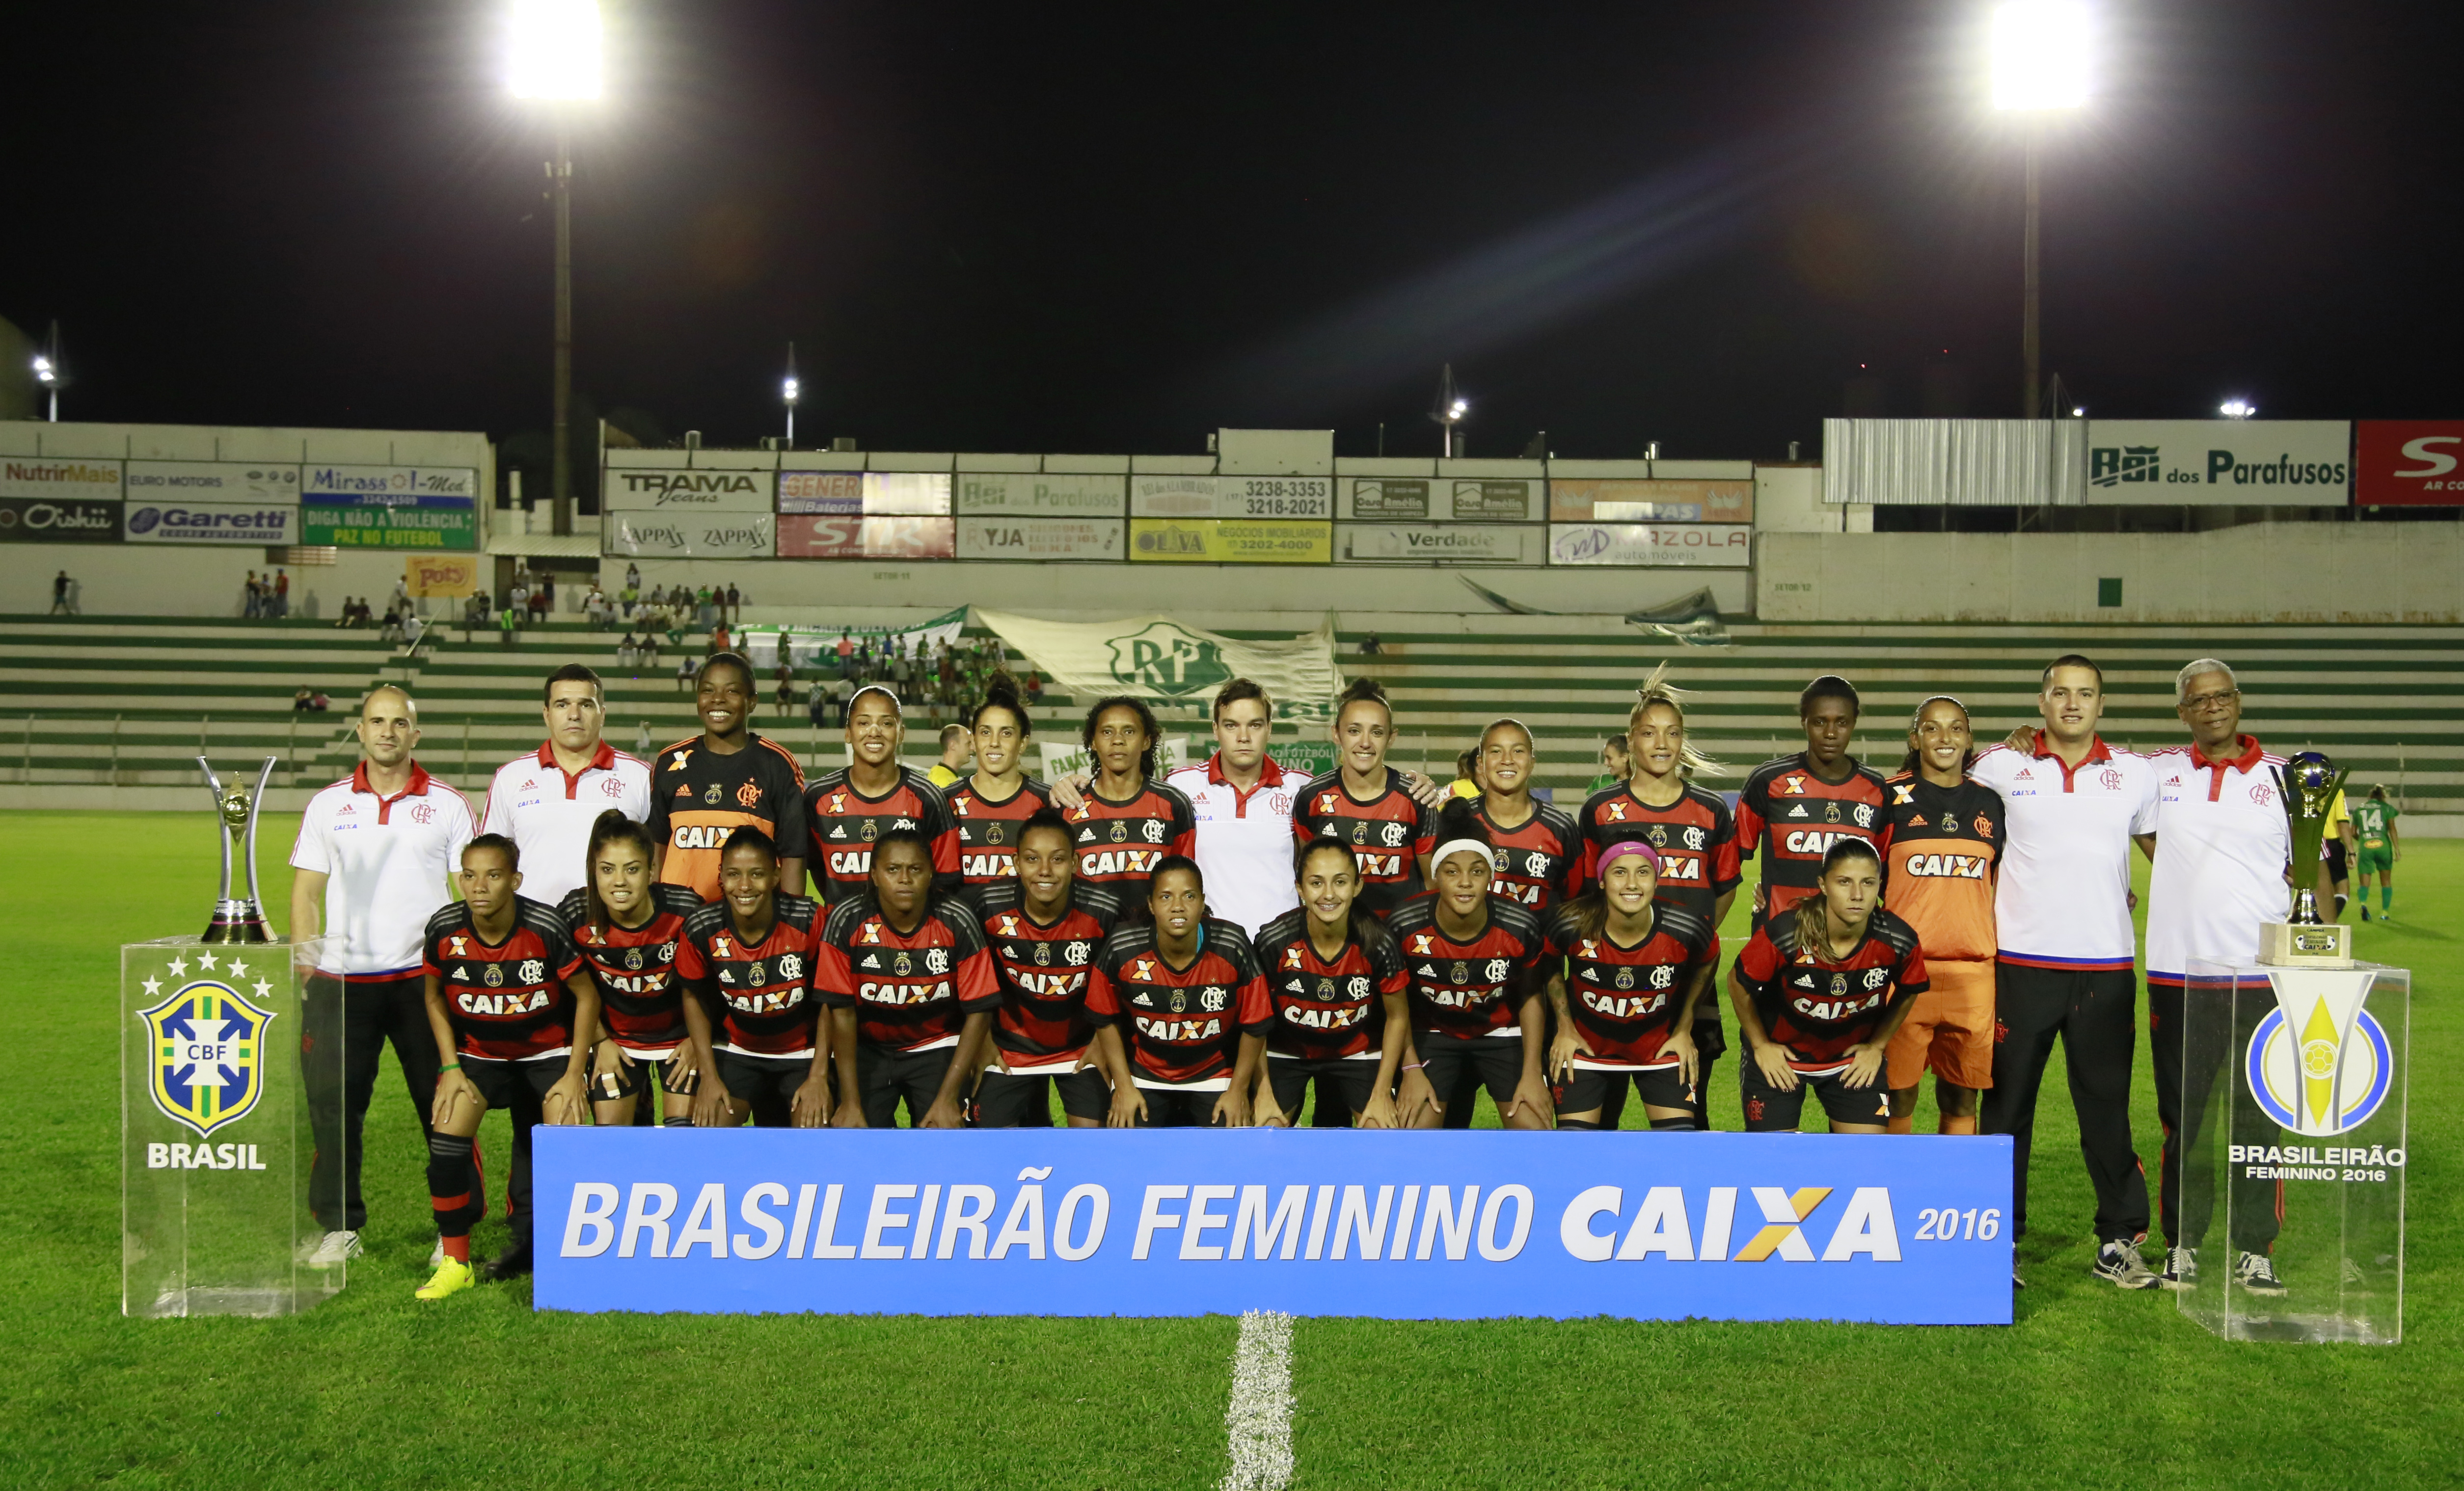 27fa88f05e EBC | Flamengo ganha título do Brasileirão Feminino após derrotar Rio Preto  por 2 a 1